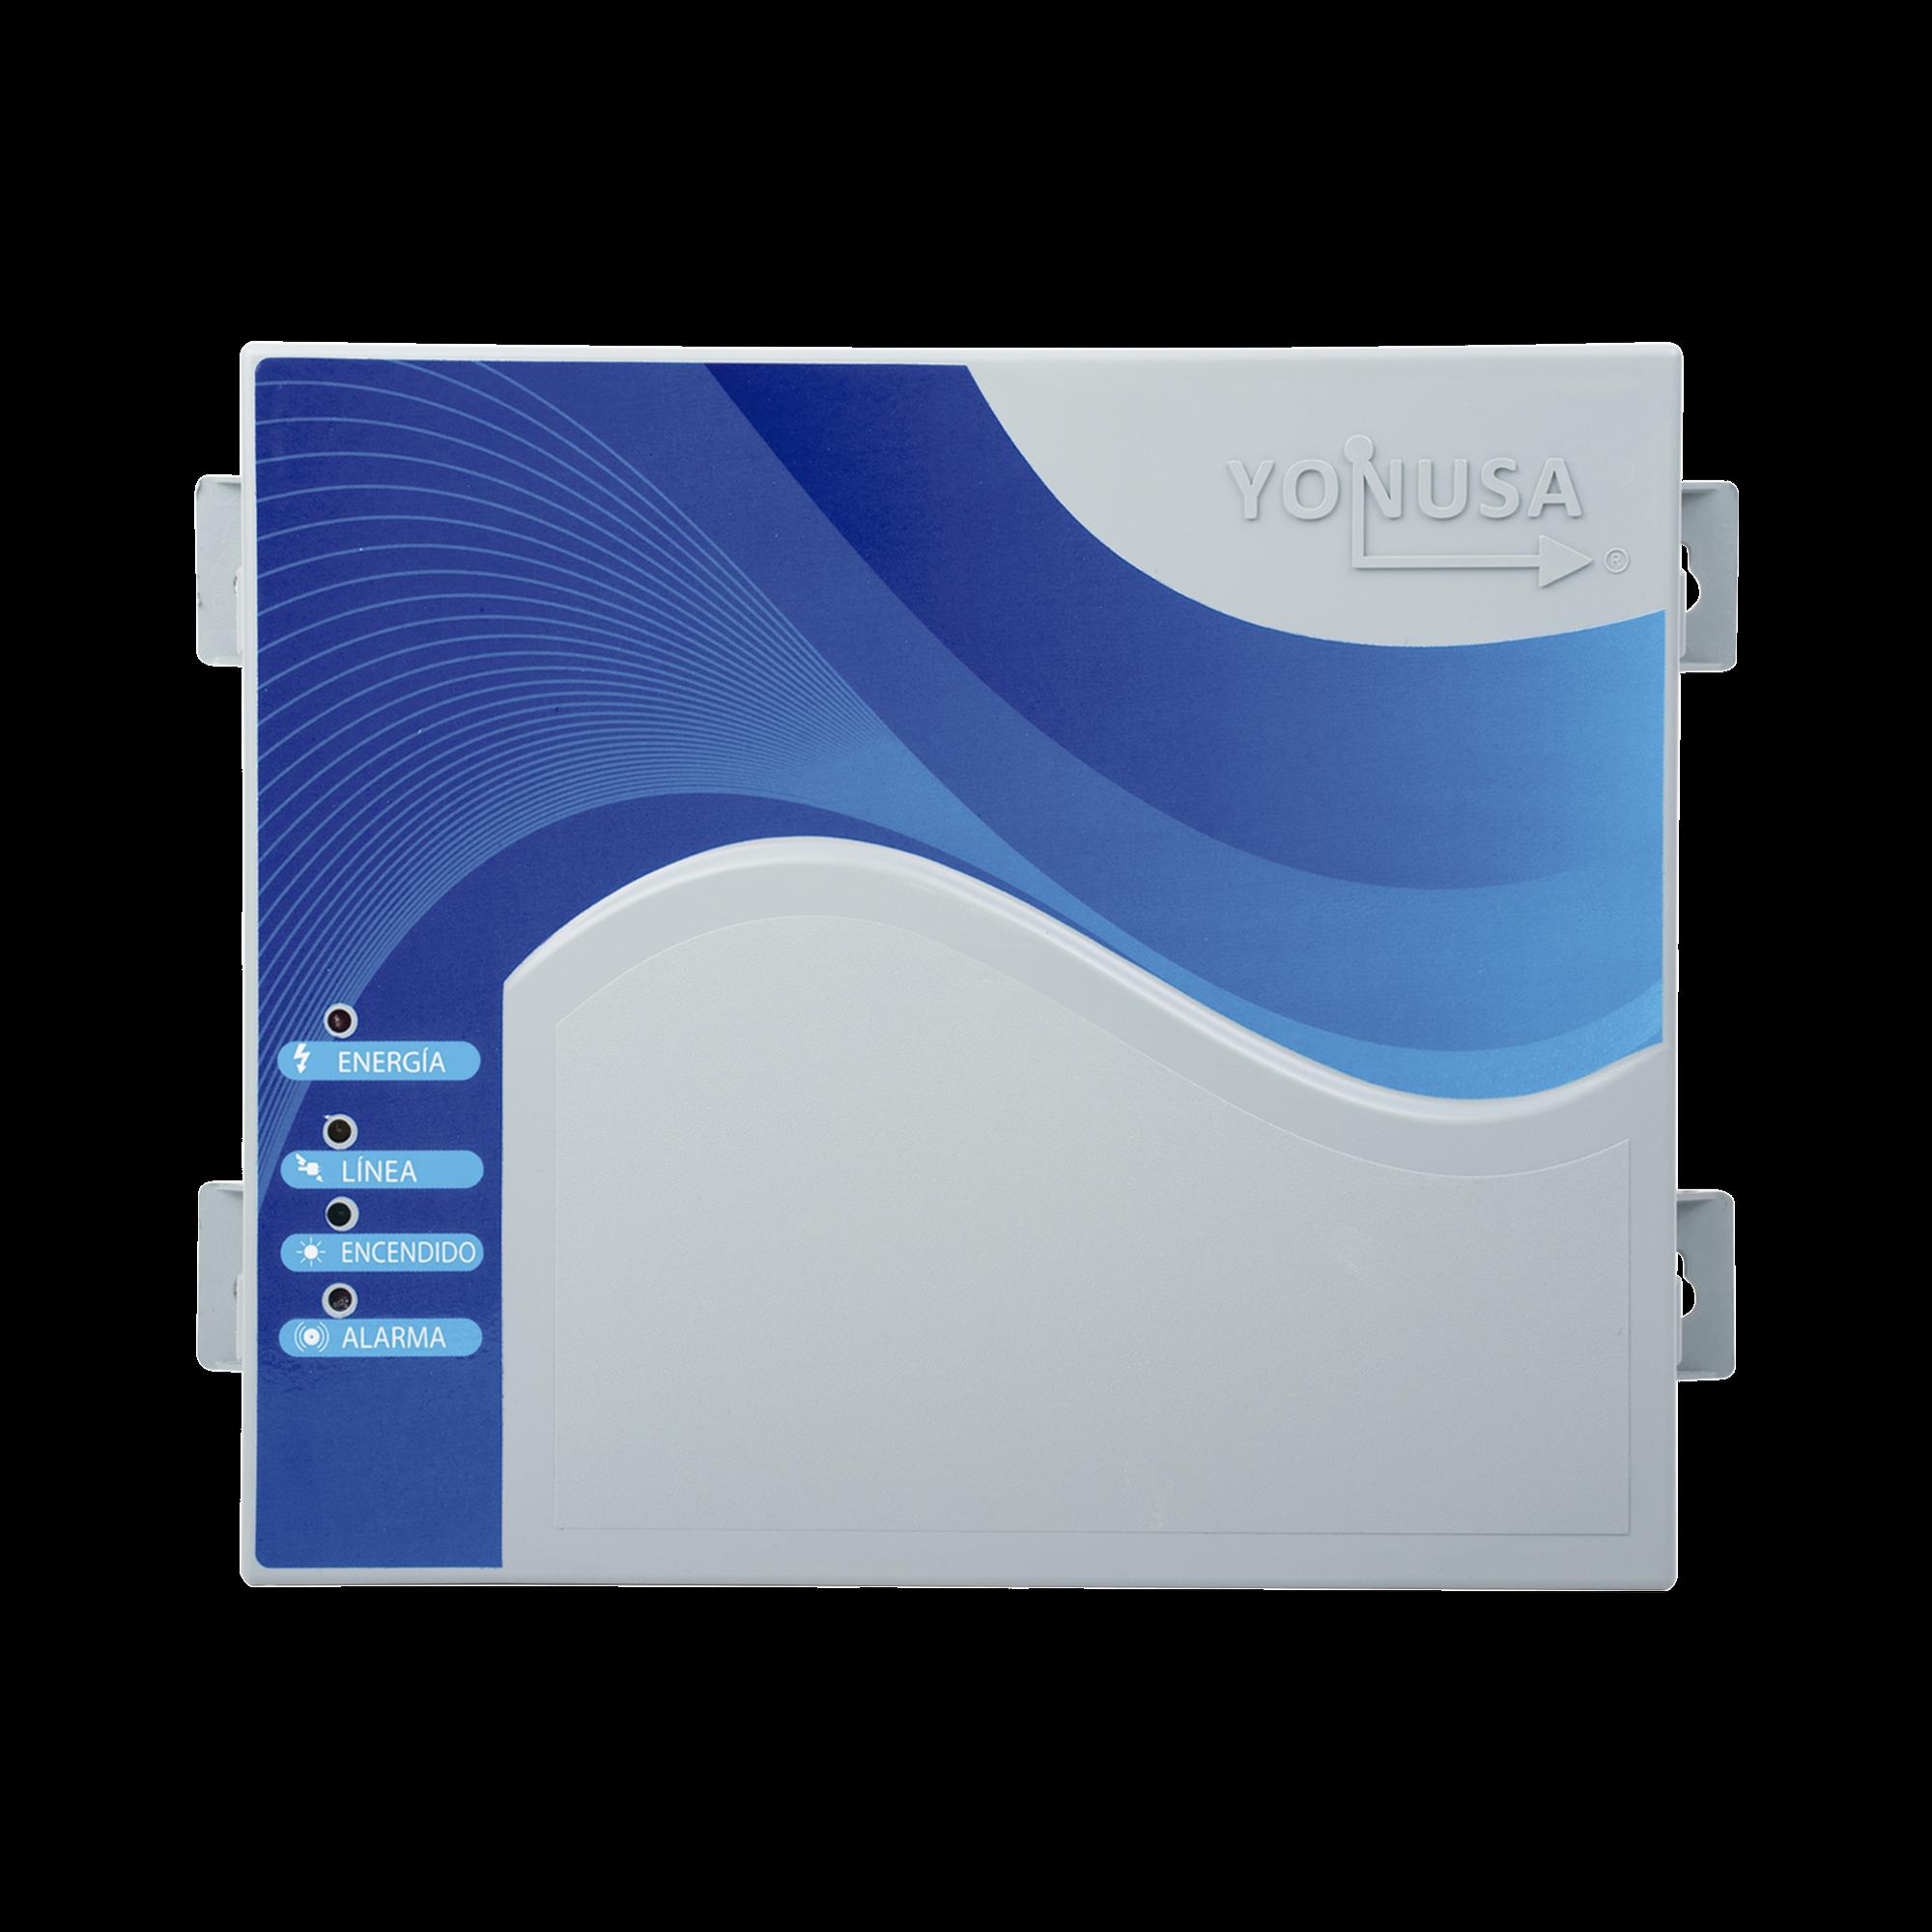 ENERGIZADOR con tecnología SMT de 10,000Volts-1Joule/ 2500Mts Lineales de Protección / Ajuste Tiempo de Sirena / ALERTA POR CORTE O CAíDA A TIERRA.